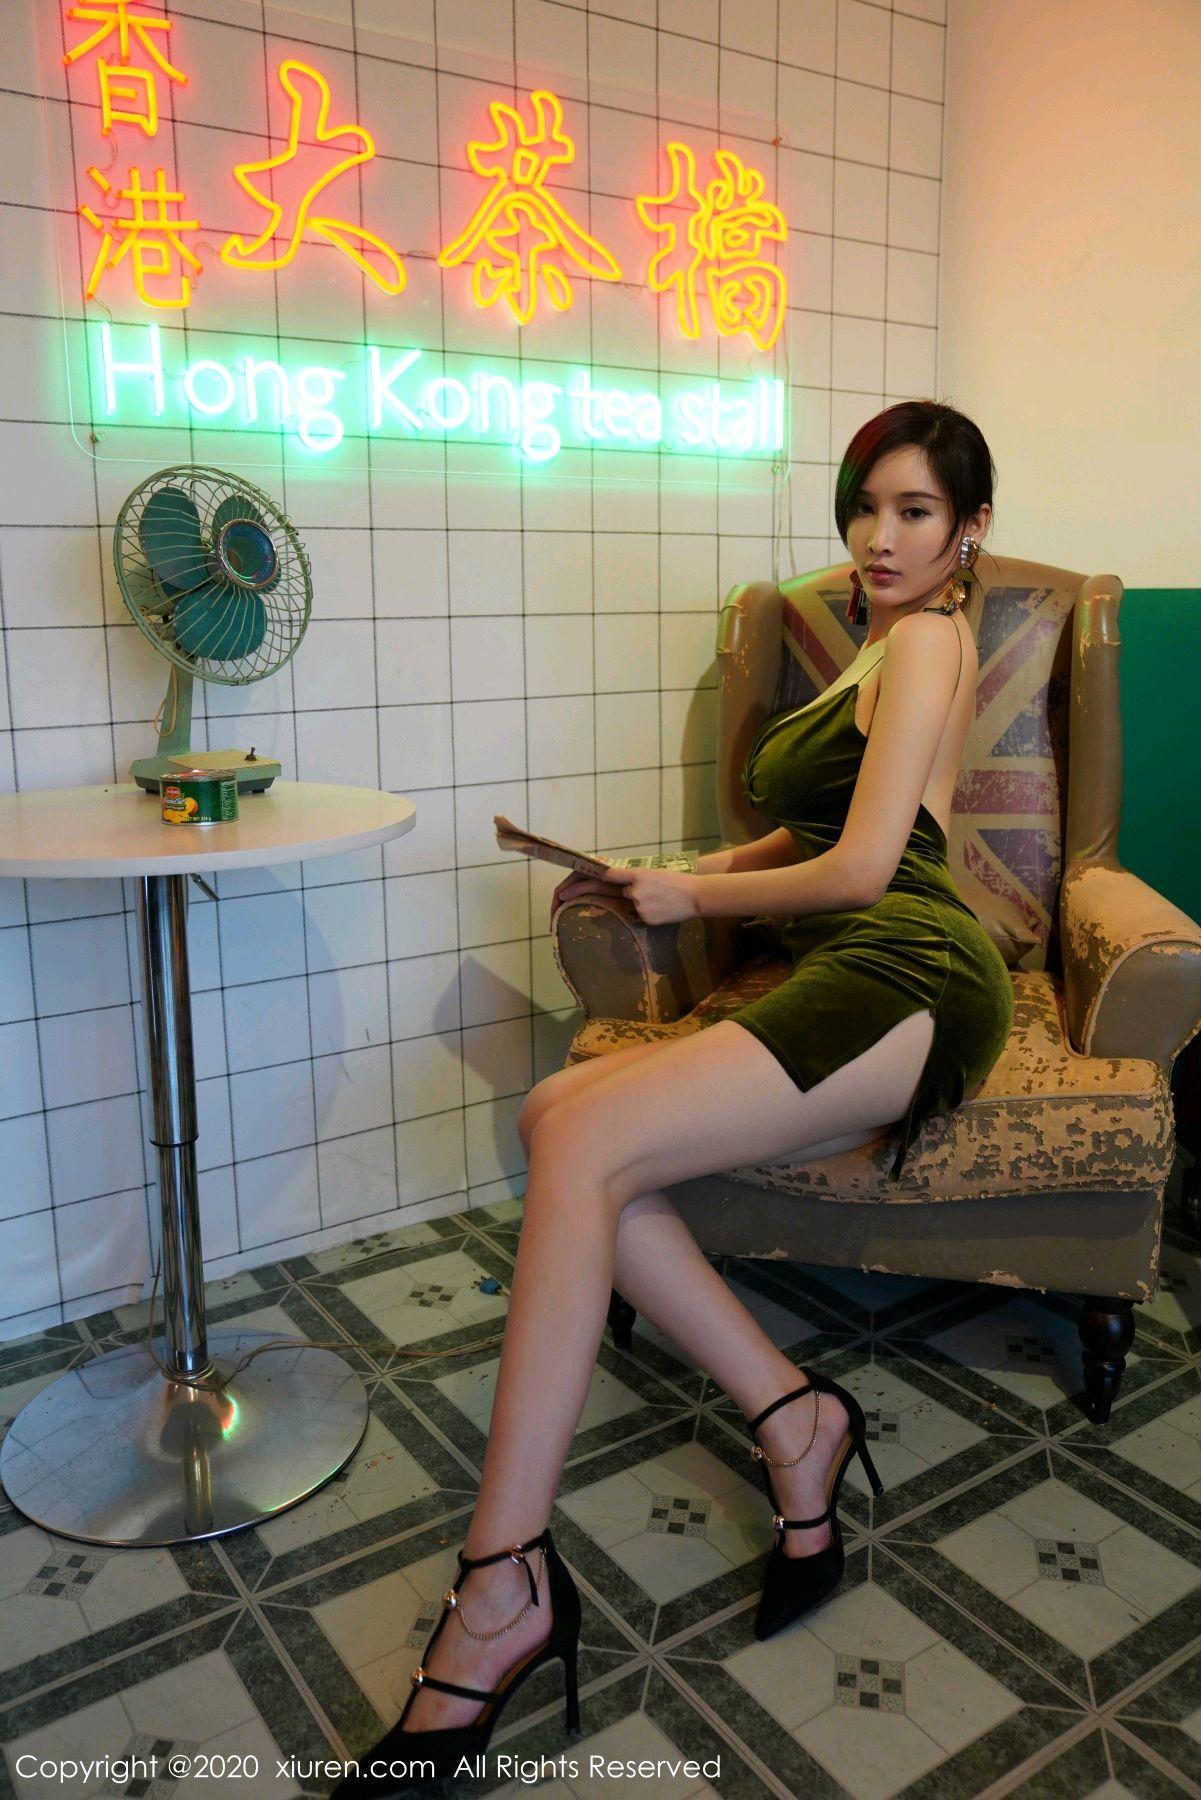 [XiuRen] Vol.2477 Tu Fei Yuan Ai Chuo QIong 10P, Sexy, Xiuren, Zhou Yan Xi